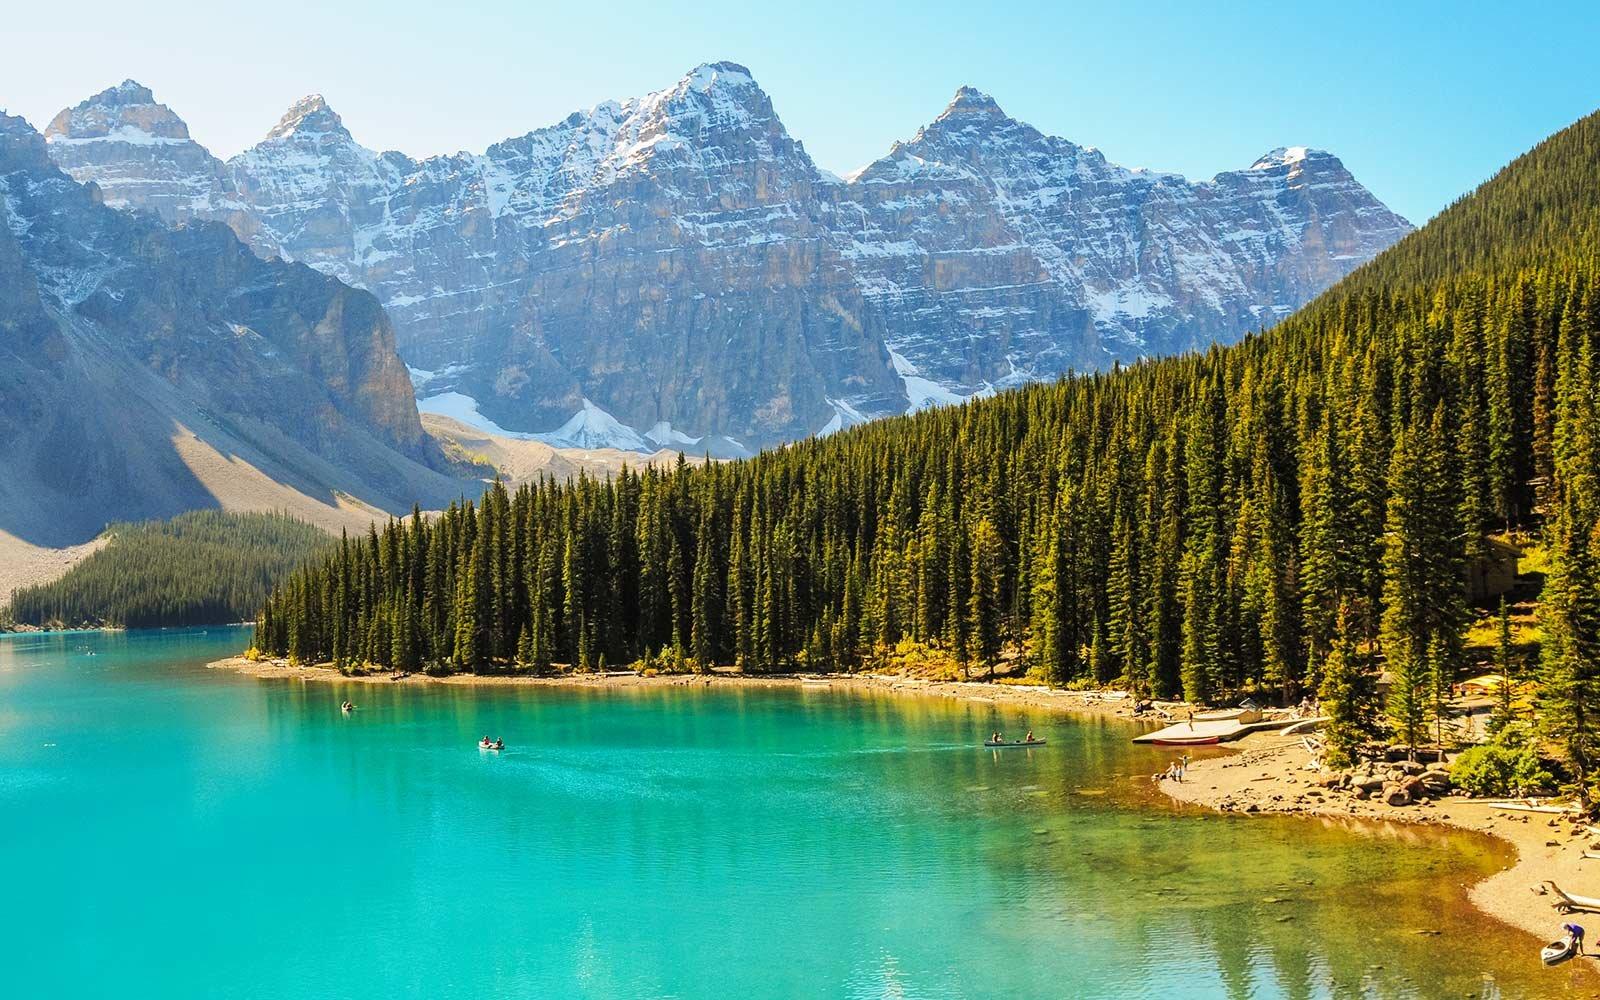 加拿大权威旅行杂志 Vacay.ca为我们带来了2018最新版的《2018年加拿大最值得去的20个地方》。 也许有人会认为,并不值得一看,因为加拿大无非就是那些地方。最值得去哪里?当然是温哥华啊、班夫啊、布查特花园啊、贾思伯、大瀑布之类的地方。